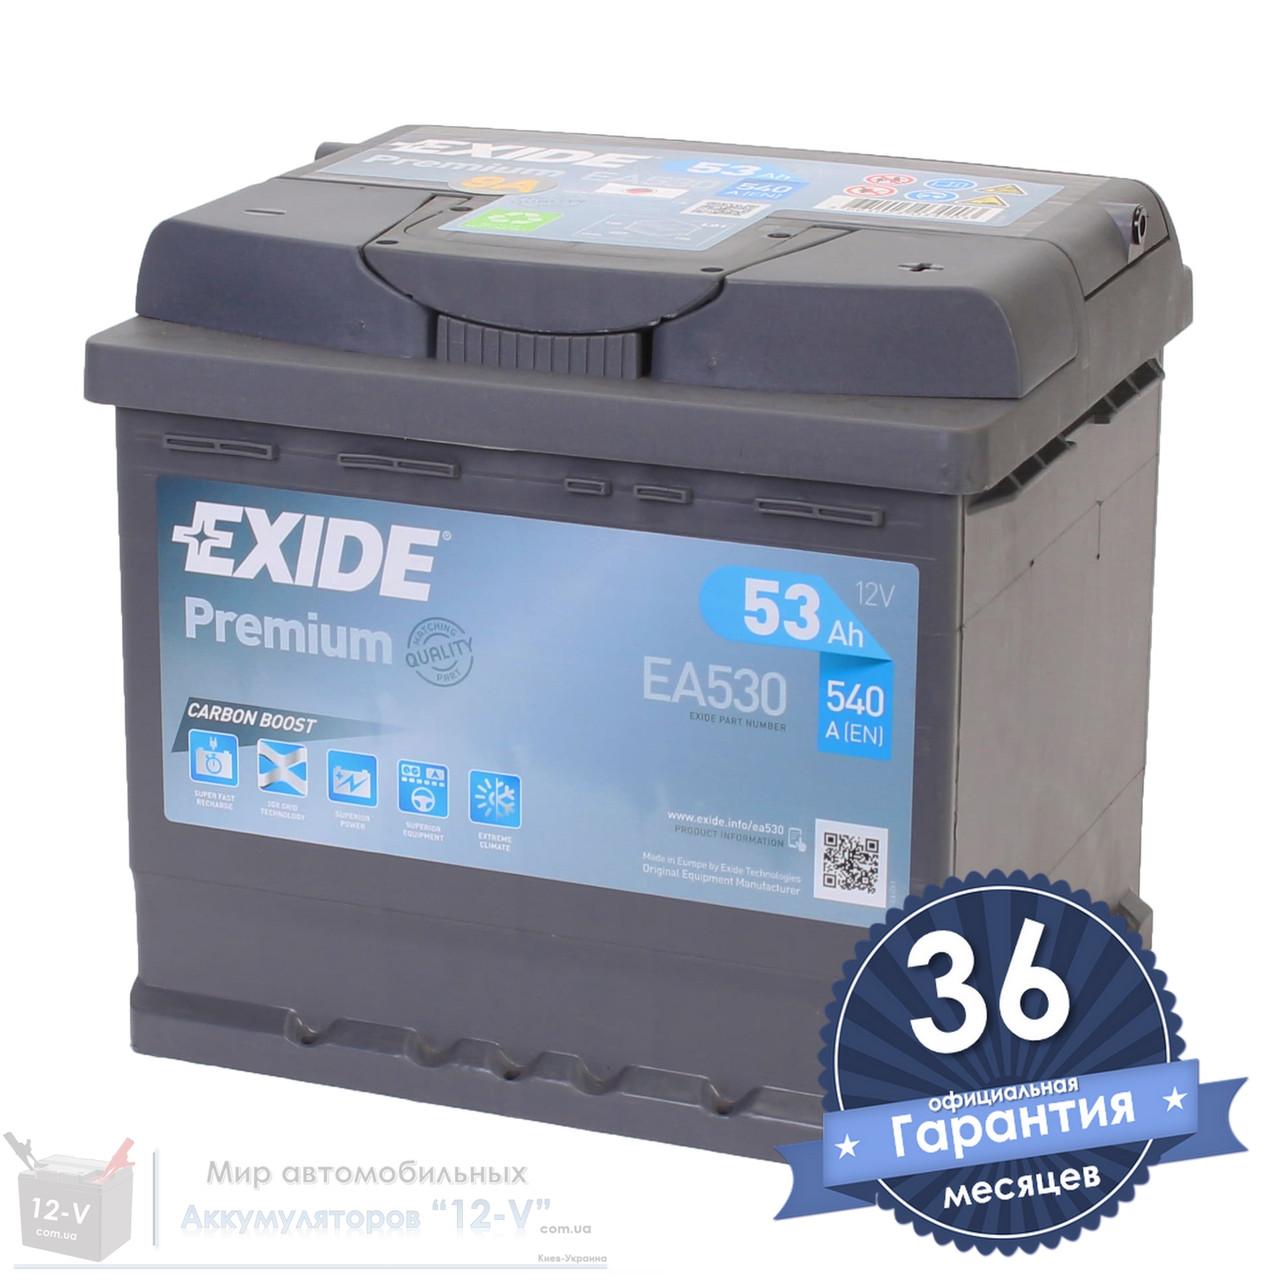 Аккумулятор автомобильный EXIDE Premium 6CT 53Ah, пусковой ток 540А [–|+] (EA530)